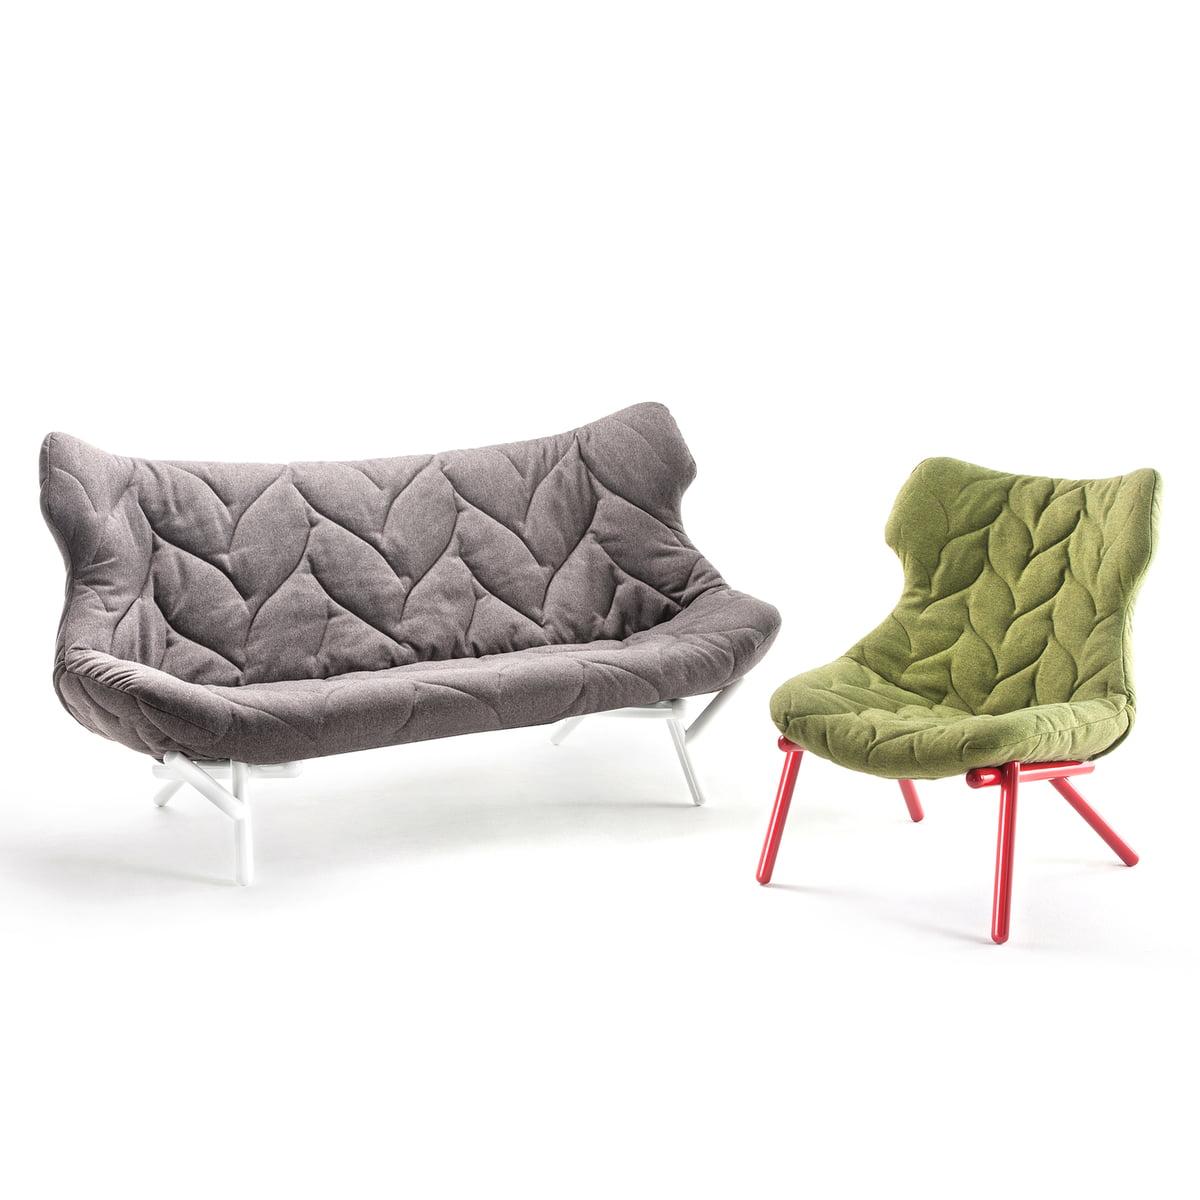 Connox Wohndesign Erfahrungen: Foliage Sofa Von Kartell Im Wohndesign-Shop